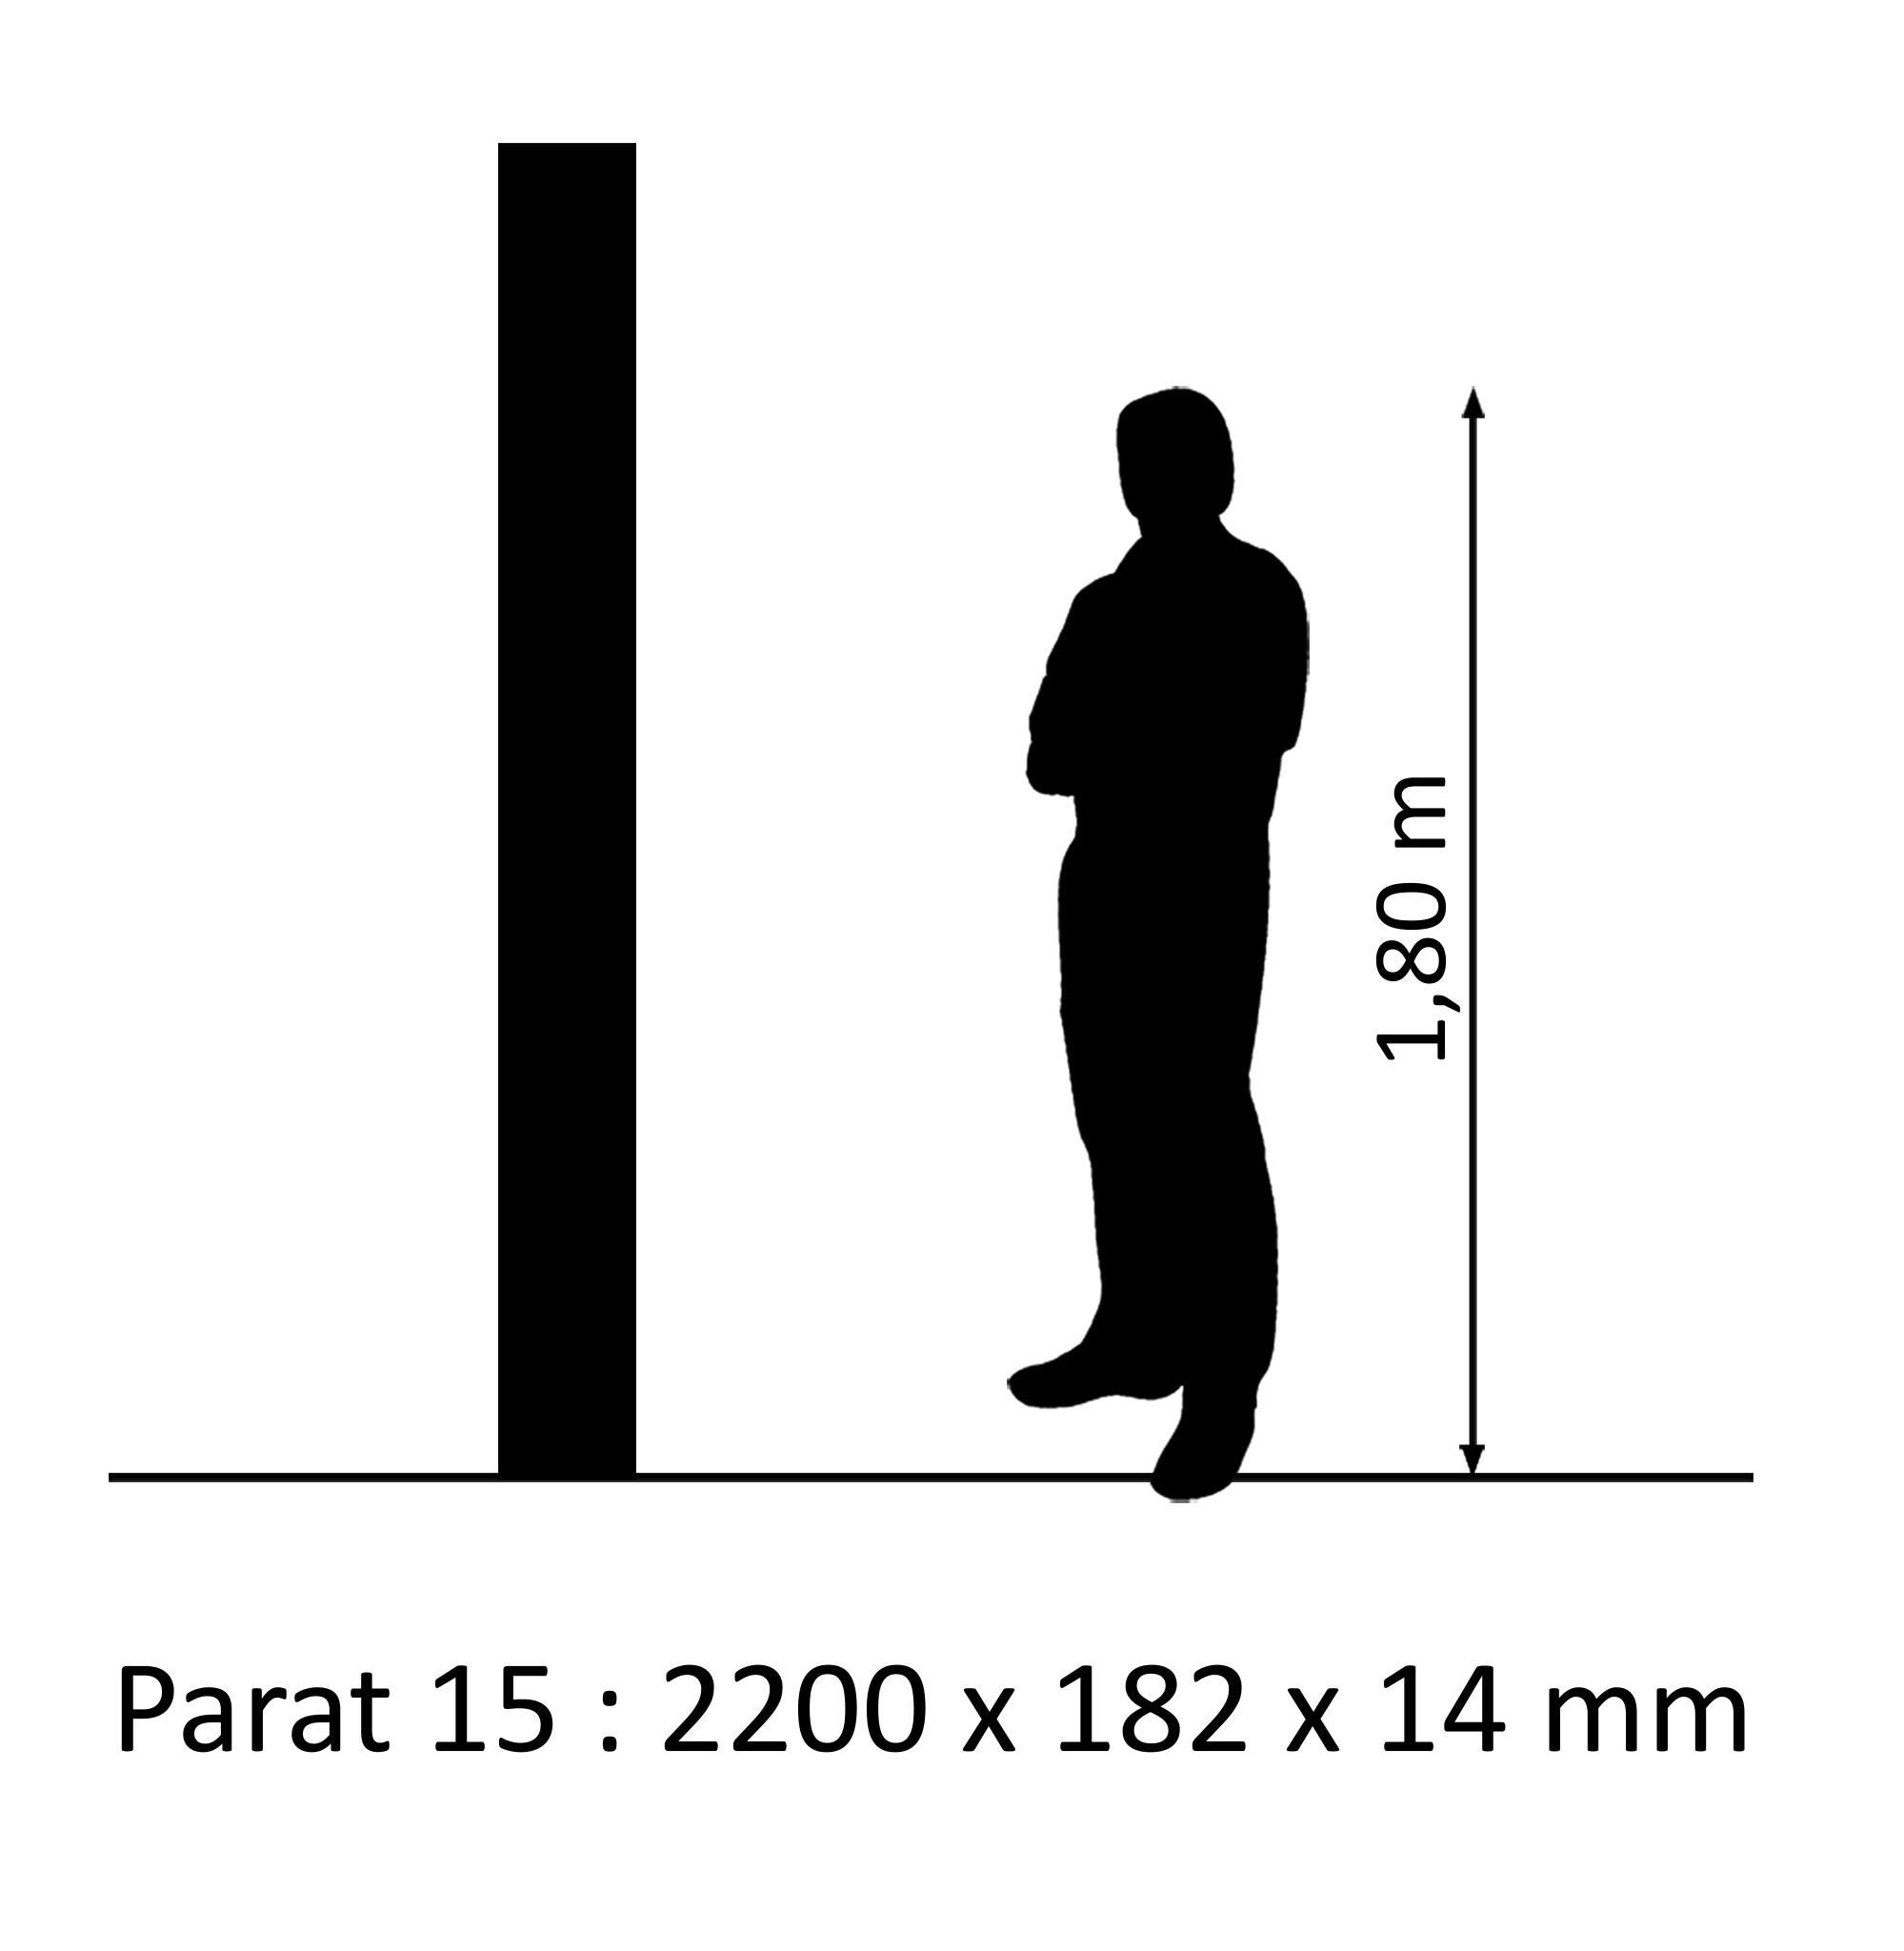 PARAT 15 Eiche Trend öl/wachs14mm